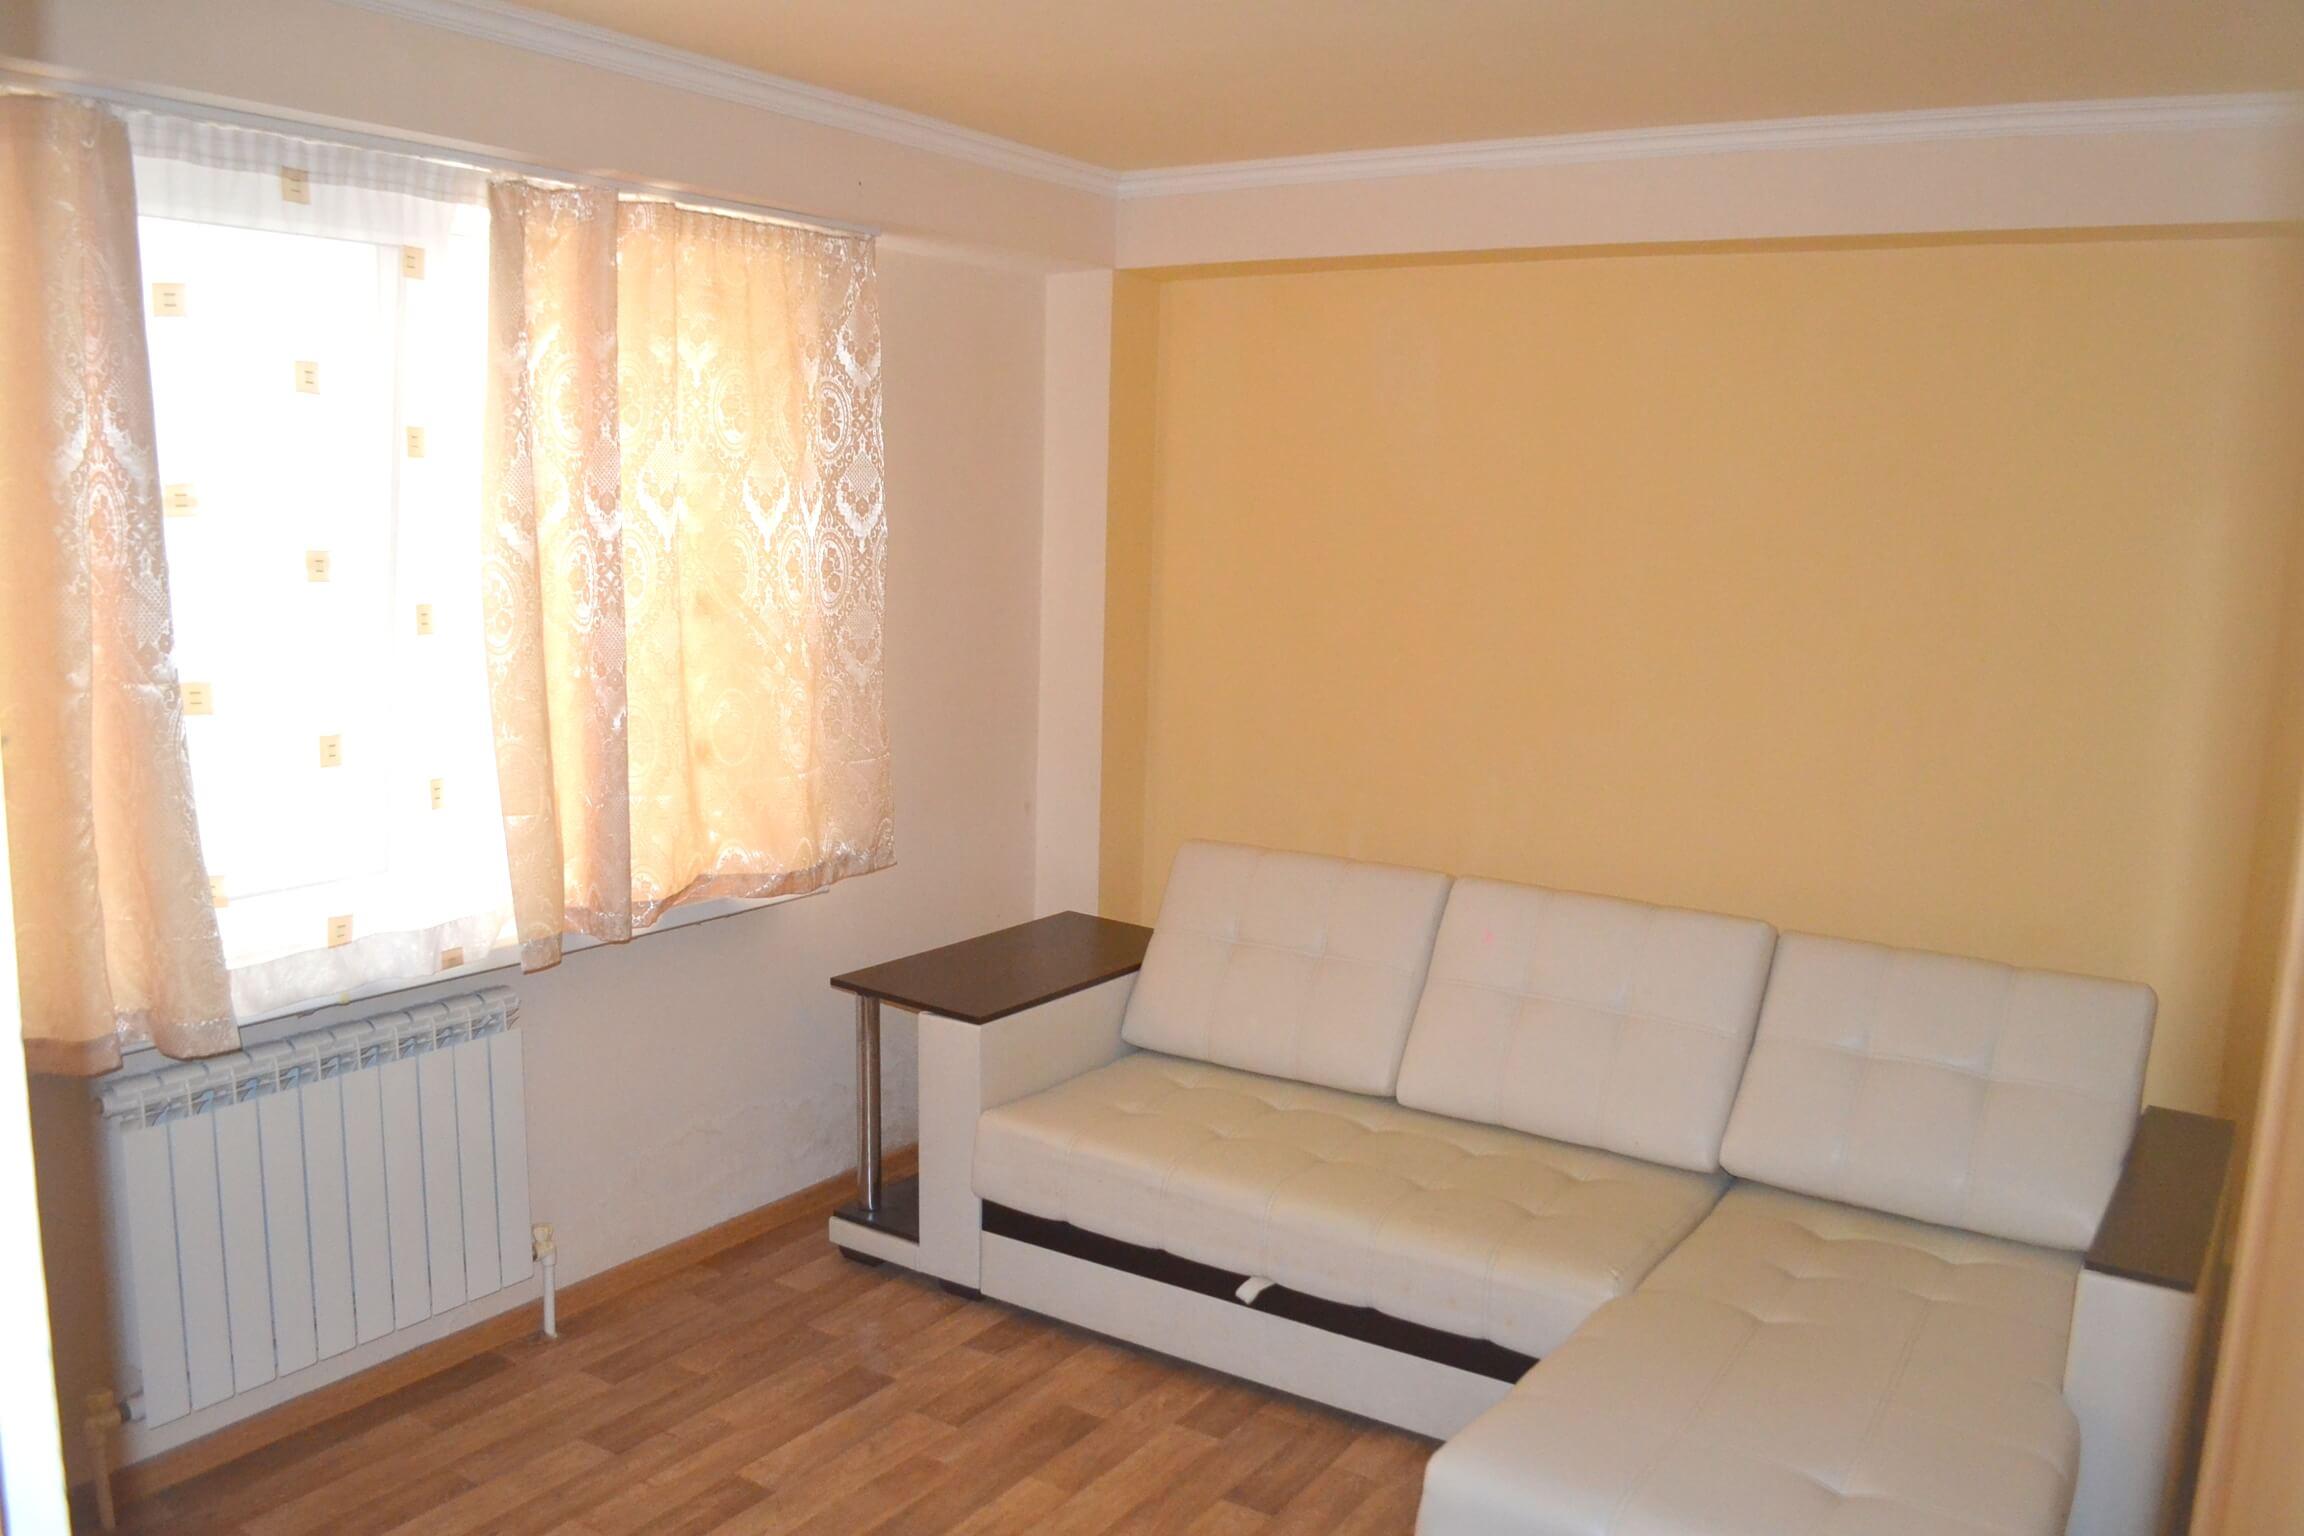 Продажа 2-комнатной квариры по ул. Пятигорской 54/31 (42,8 м²)